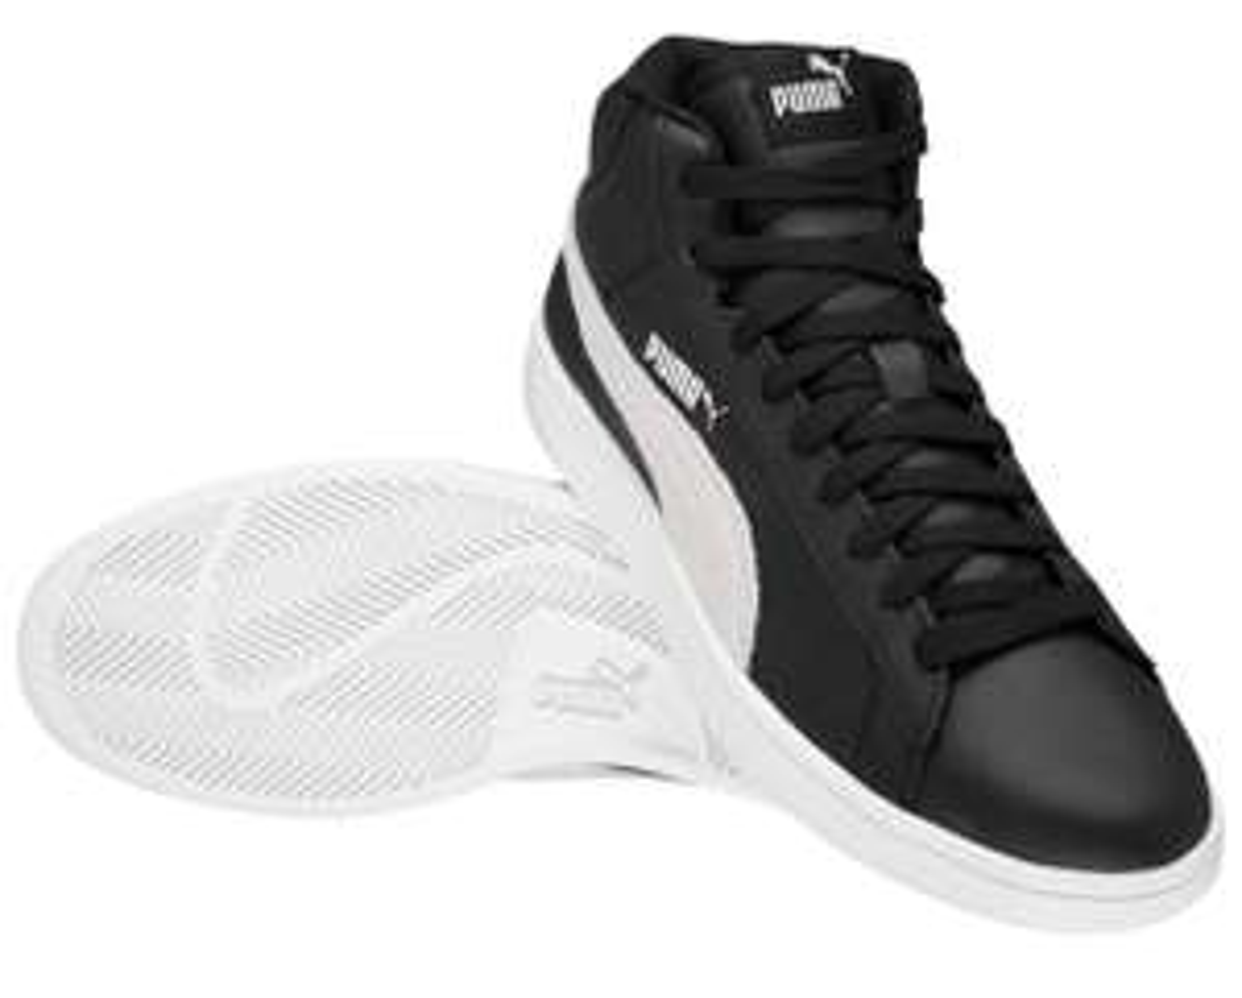 PUMA Smash V2 Mid Leder Herren Sneaker